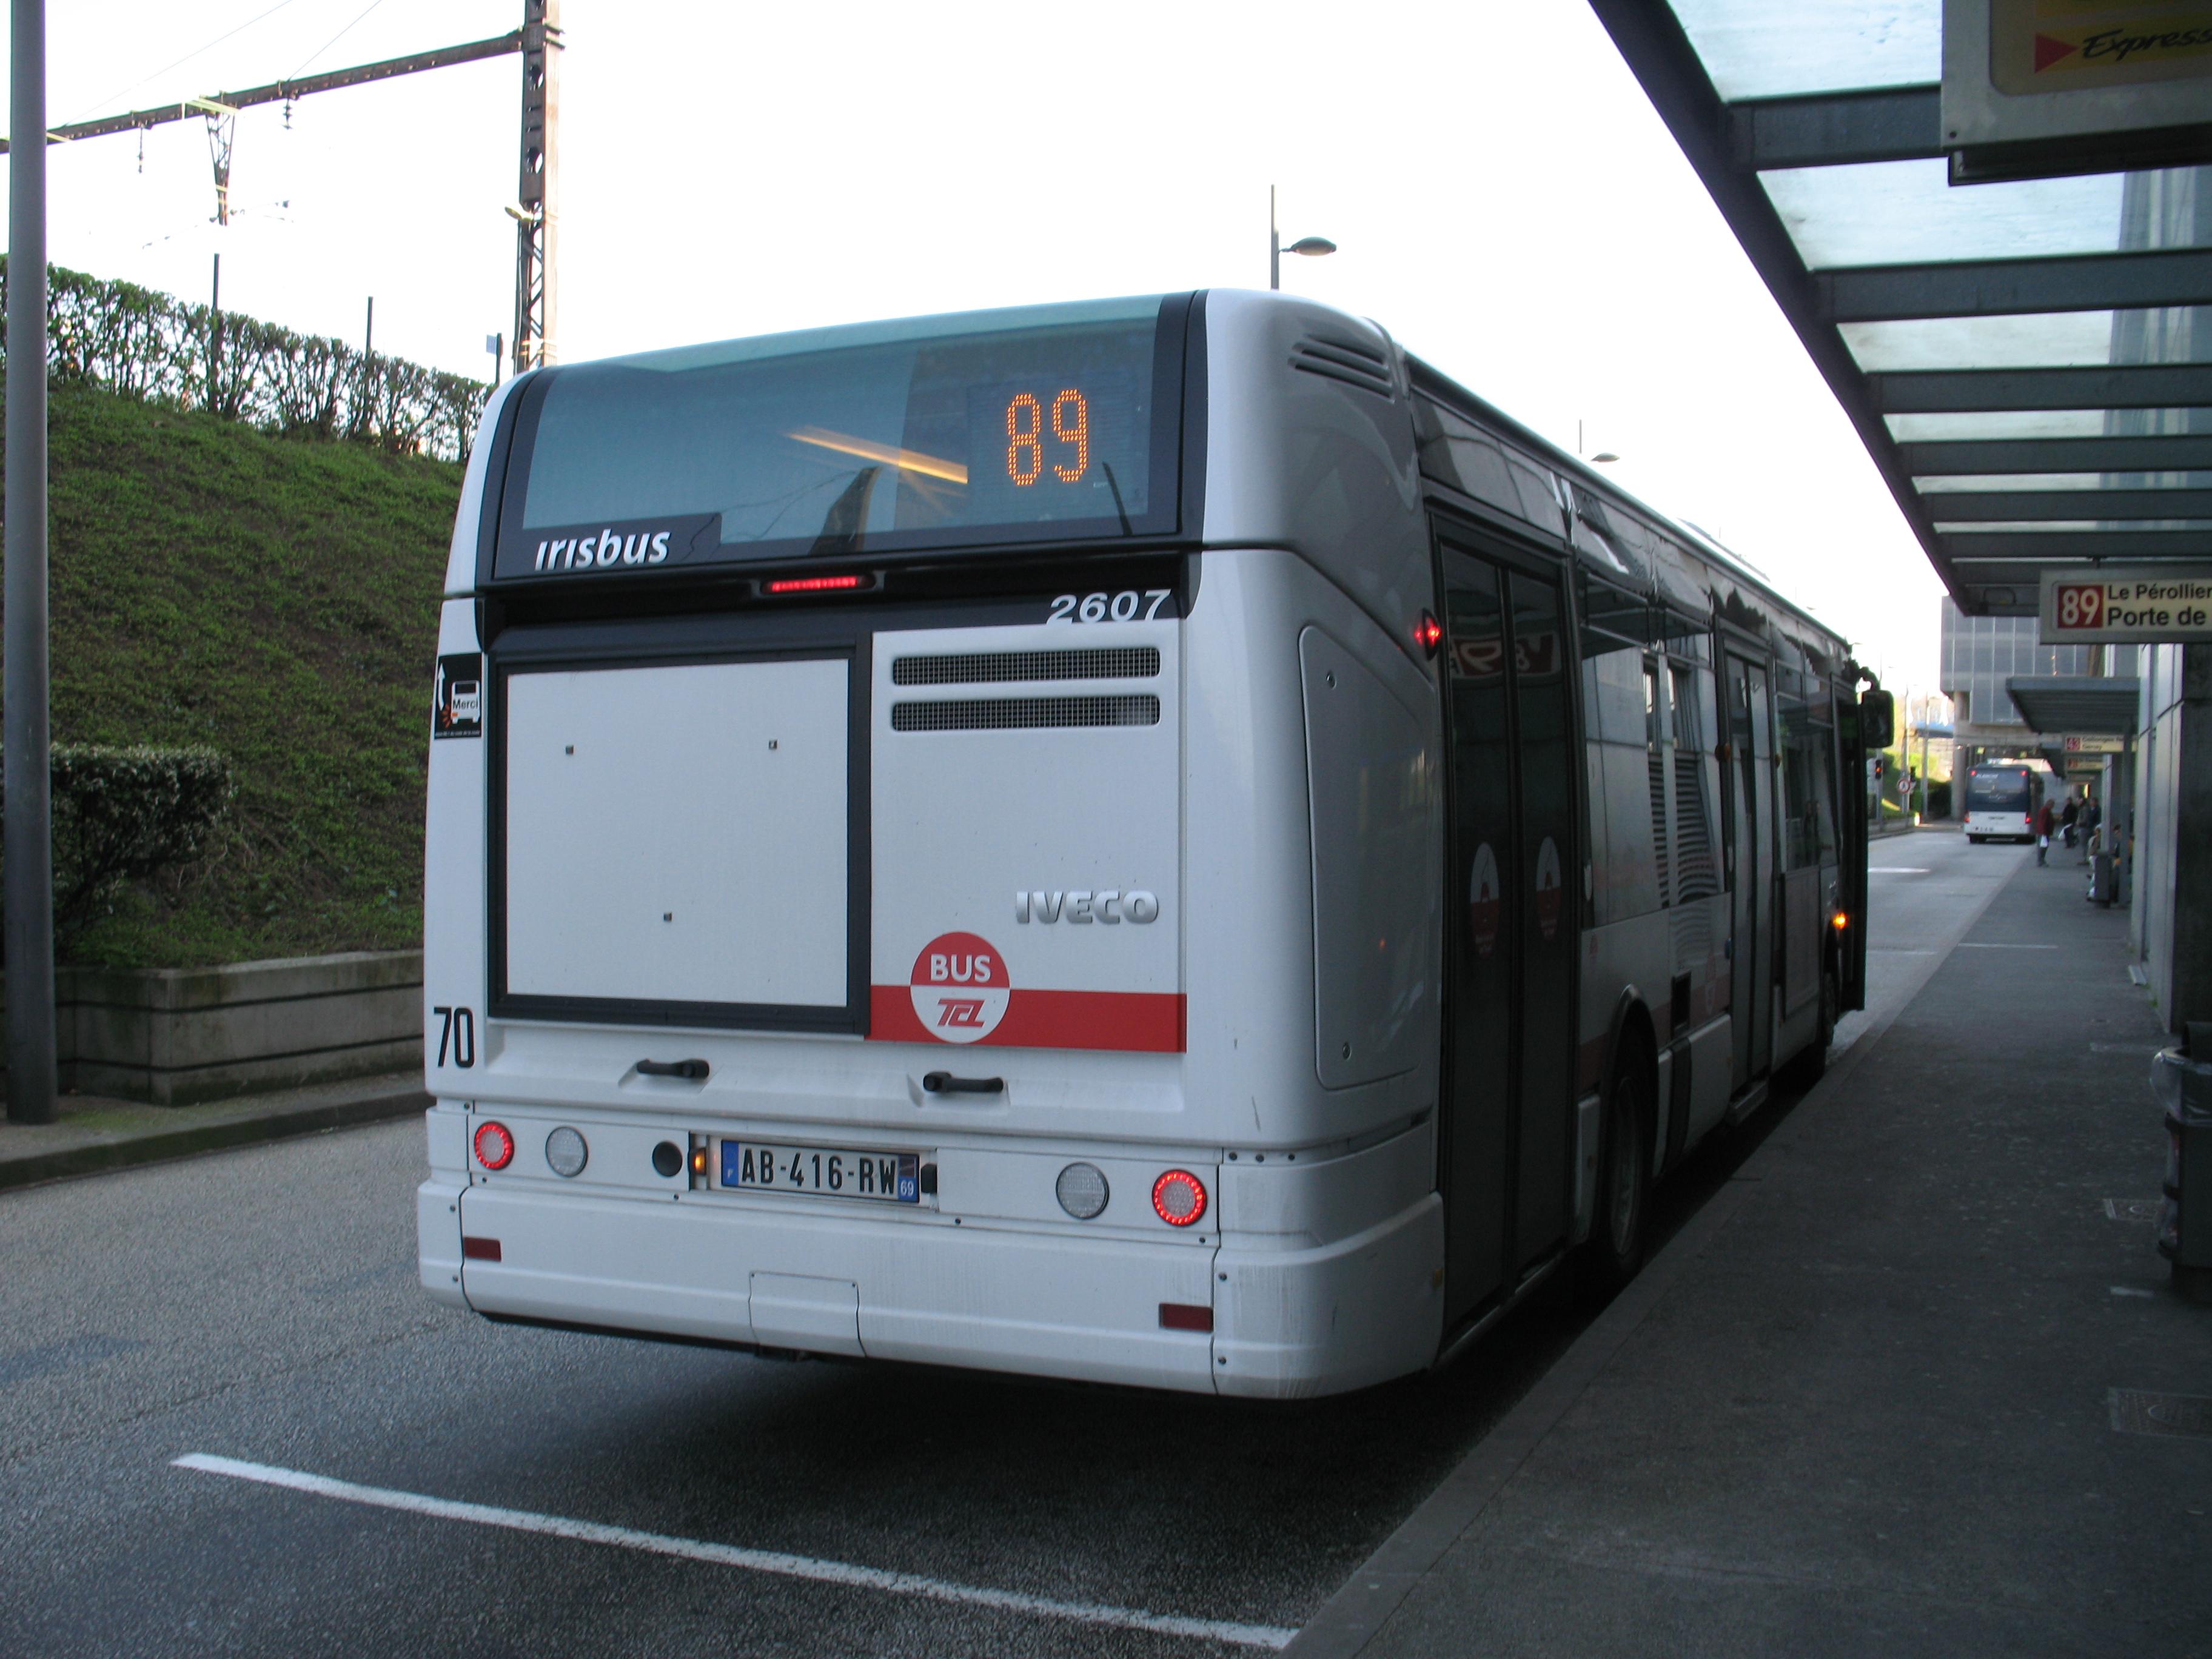 File:Lyon TCL Irisbus Citelis 12 n°2607 L89 Gare de Vaise (3